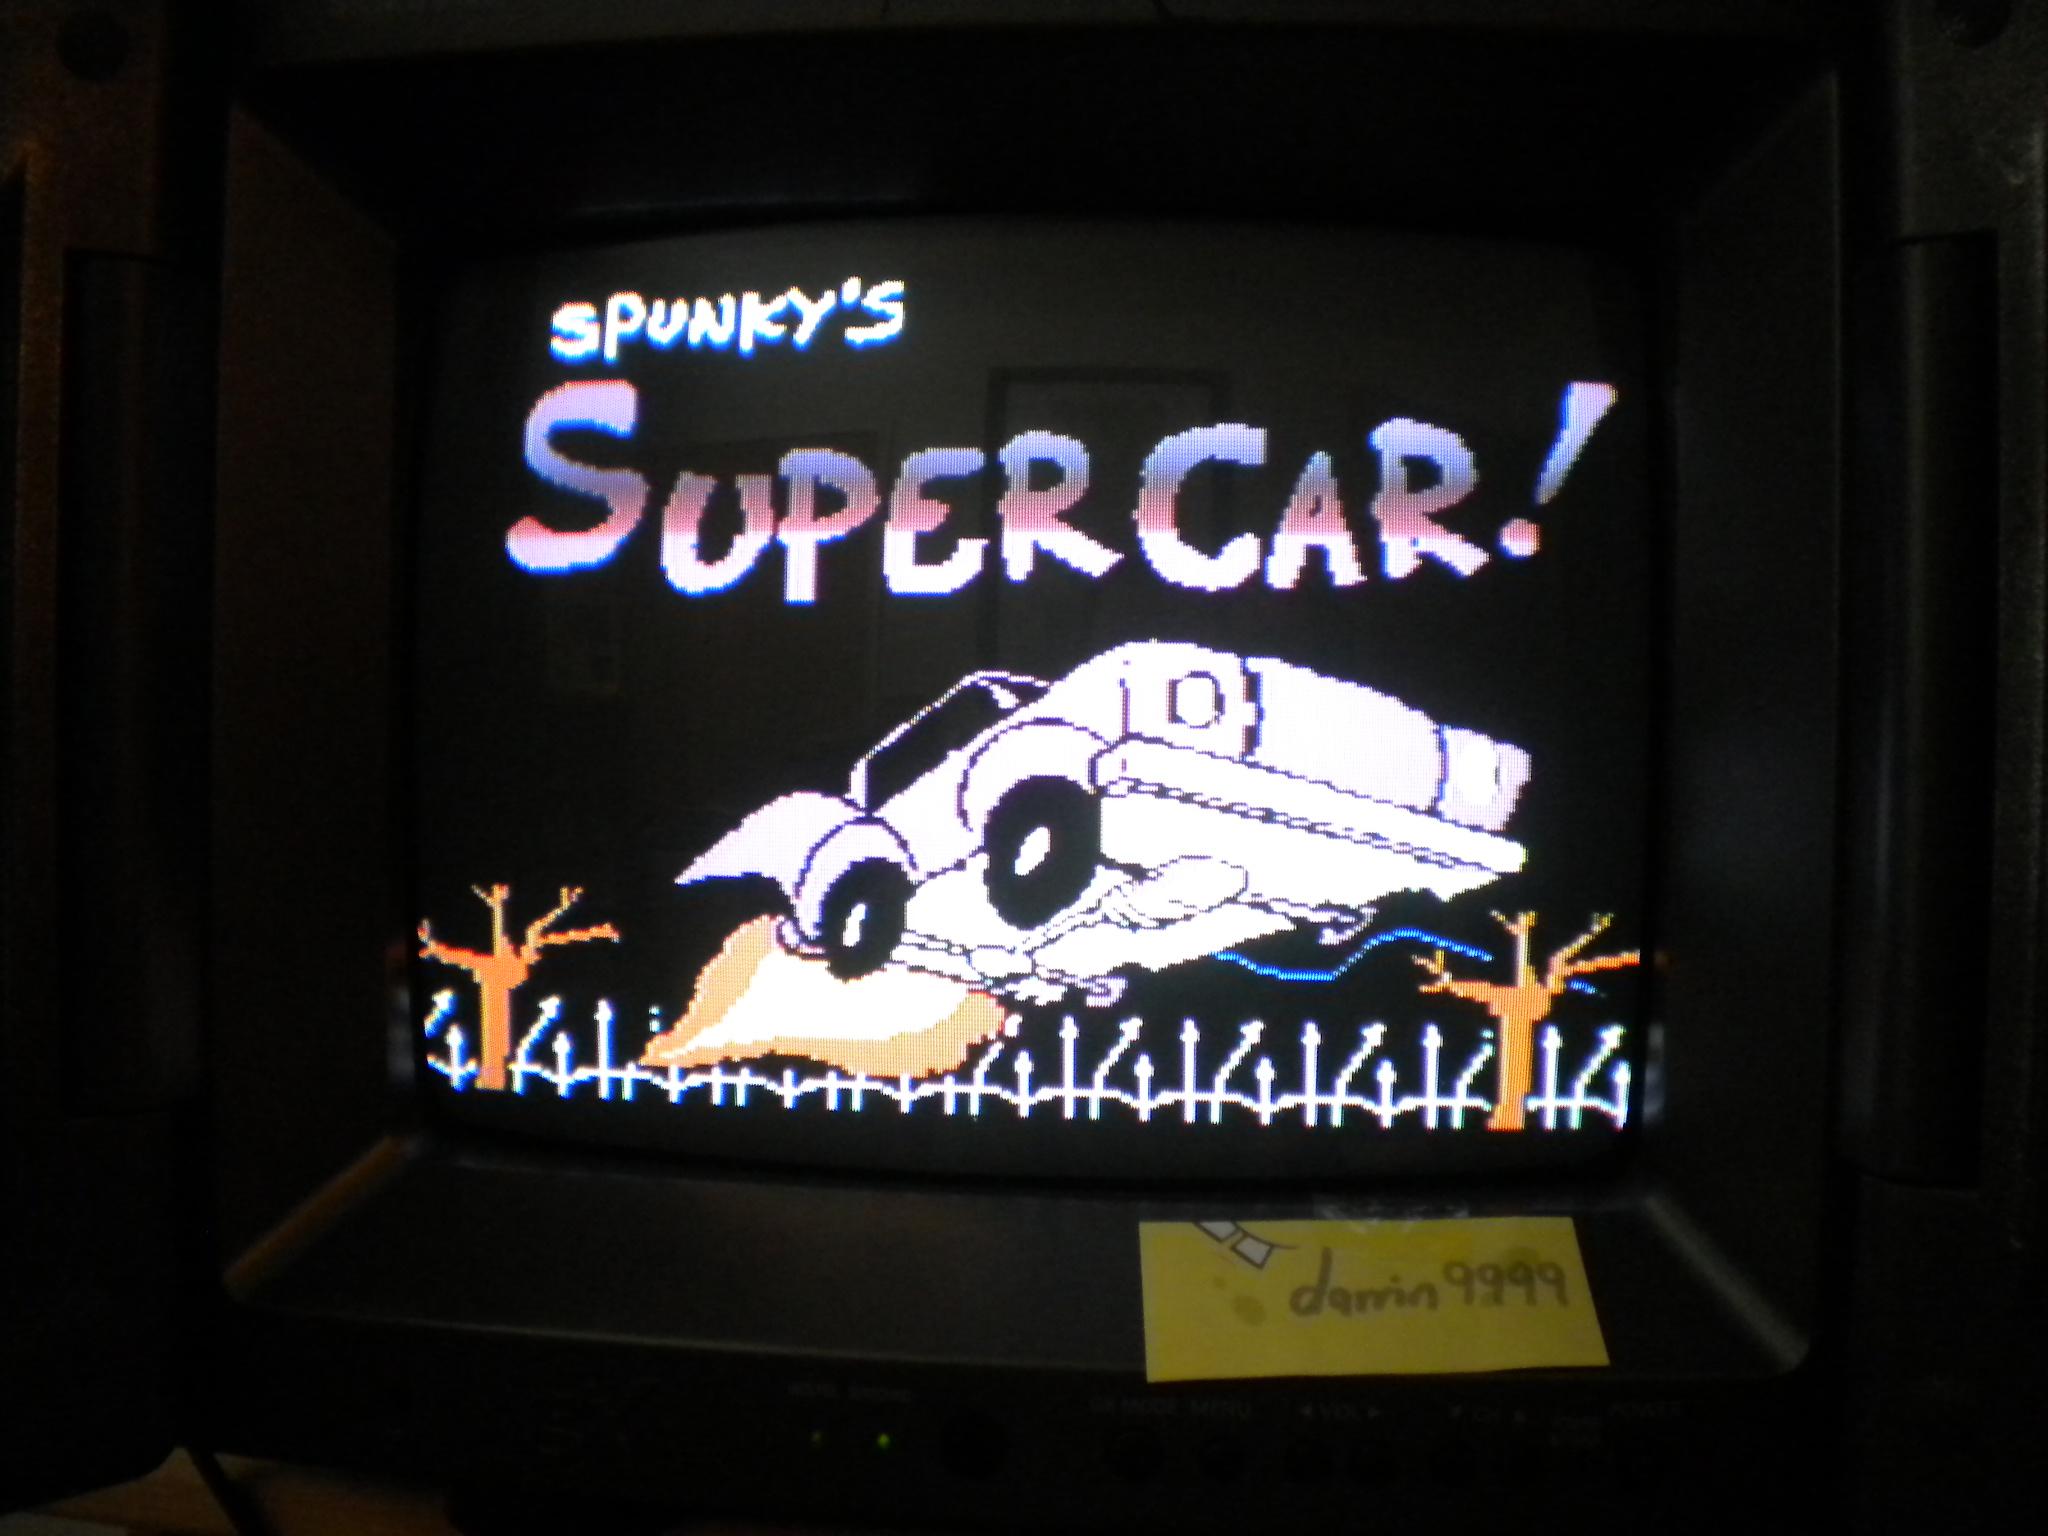 Spunky`s Super Car! 14,000 points